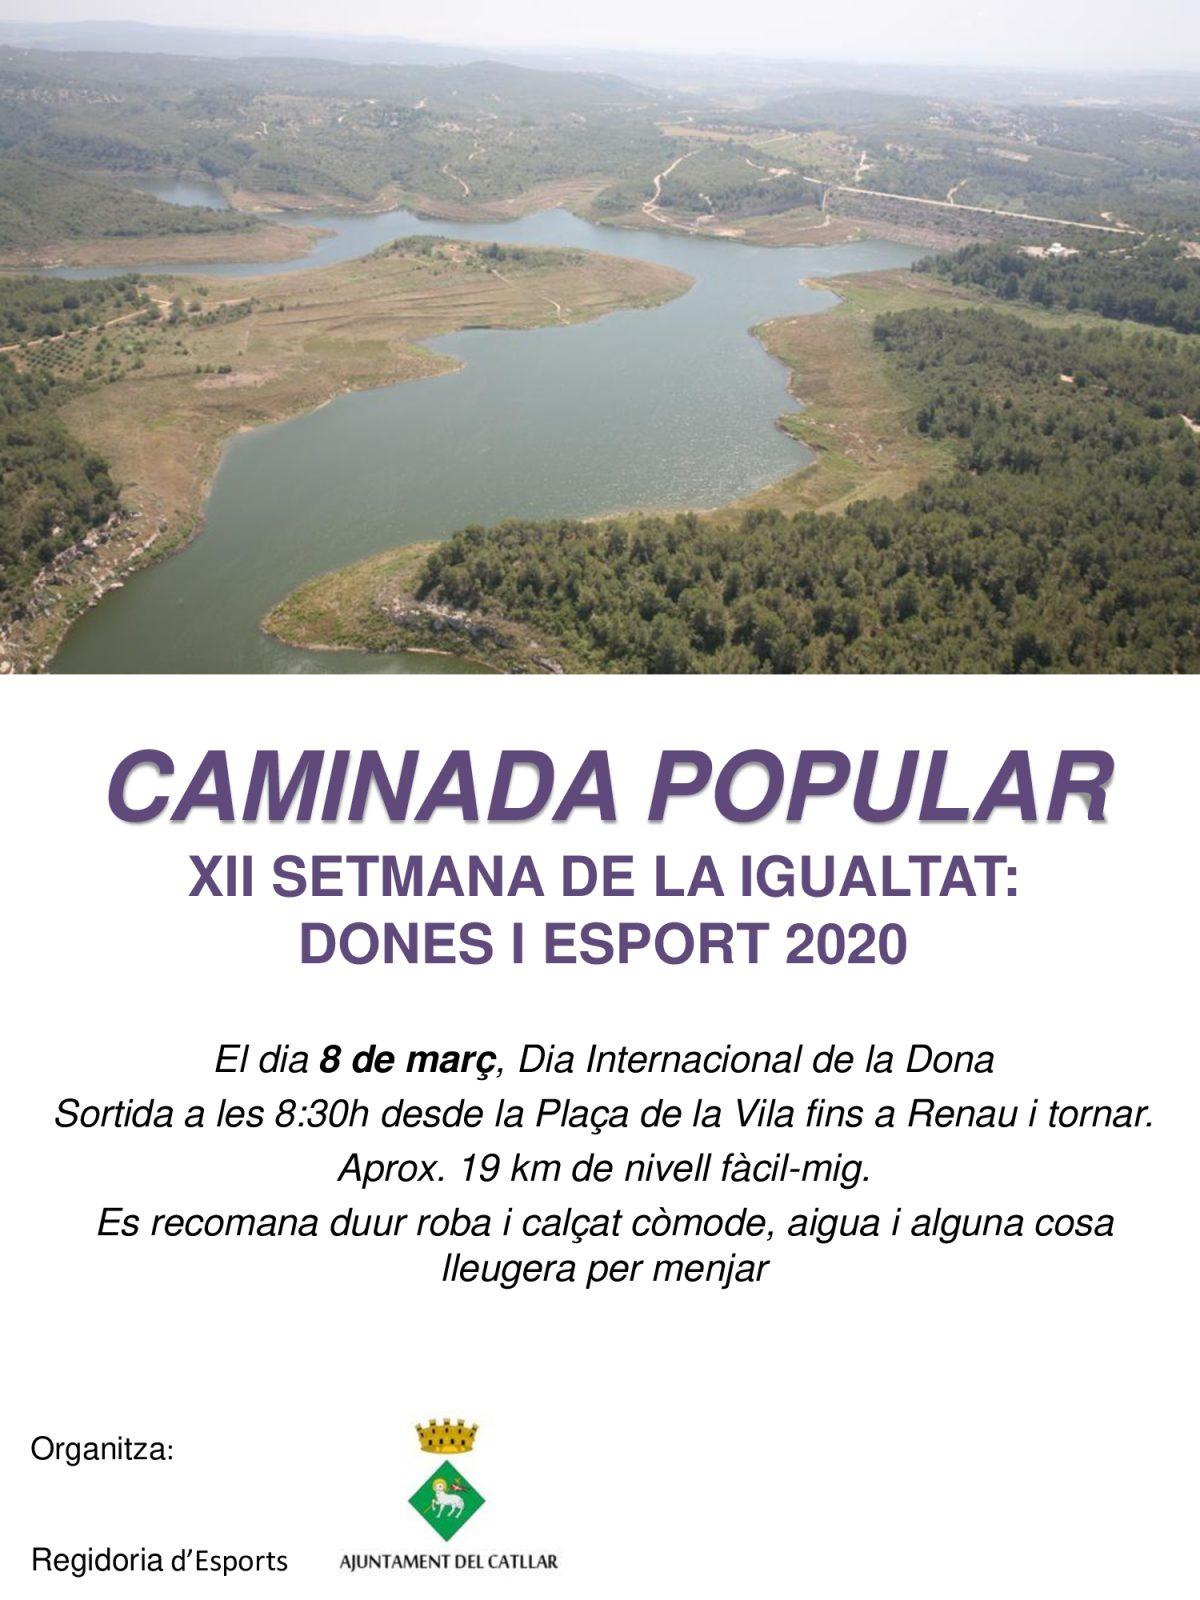 CAMINADA POPULAR: DONES I ESPORT 2020